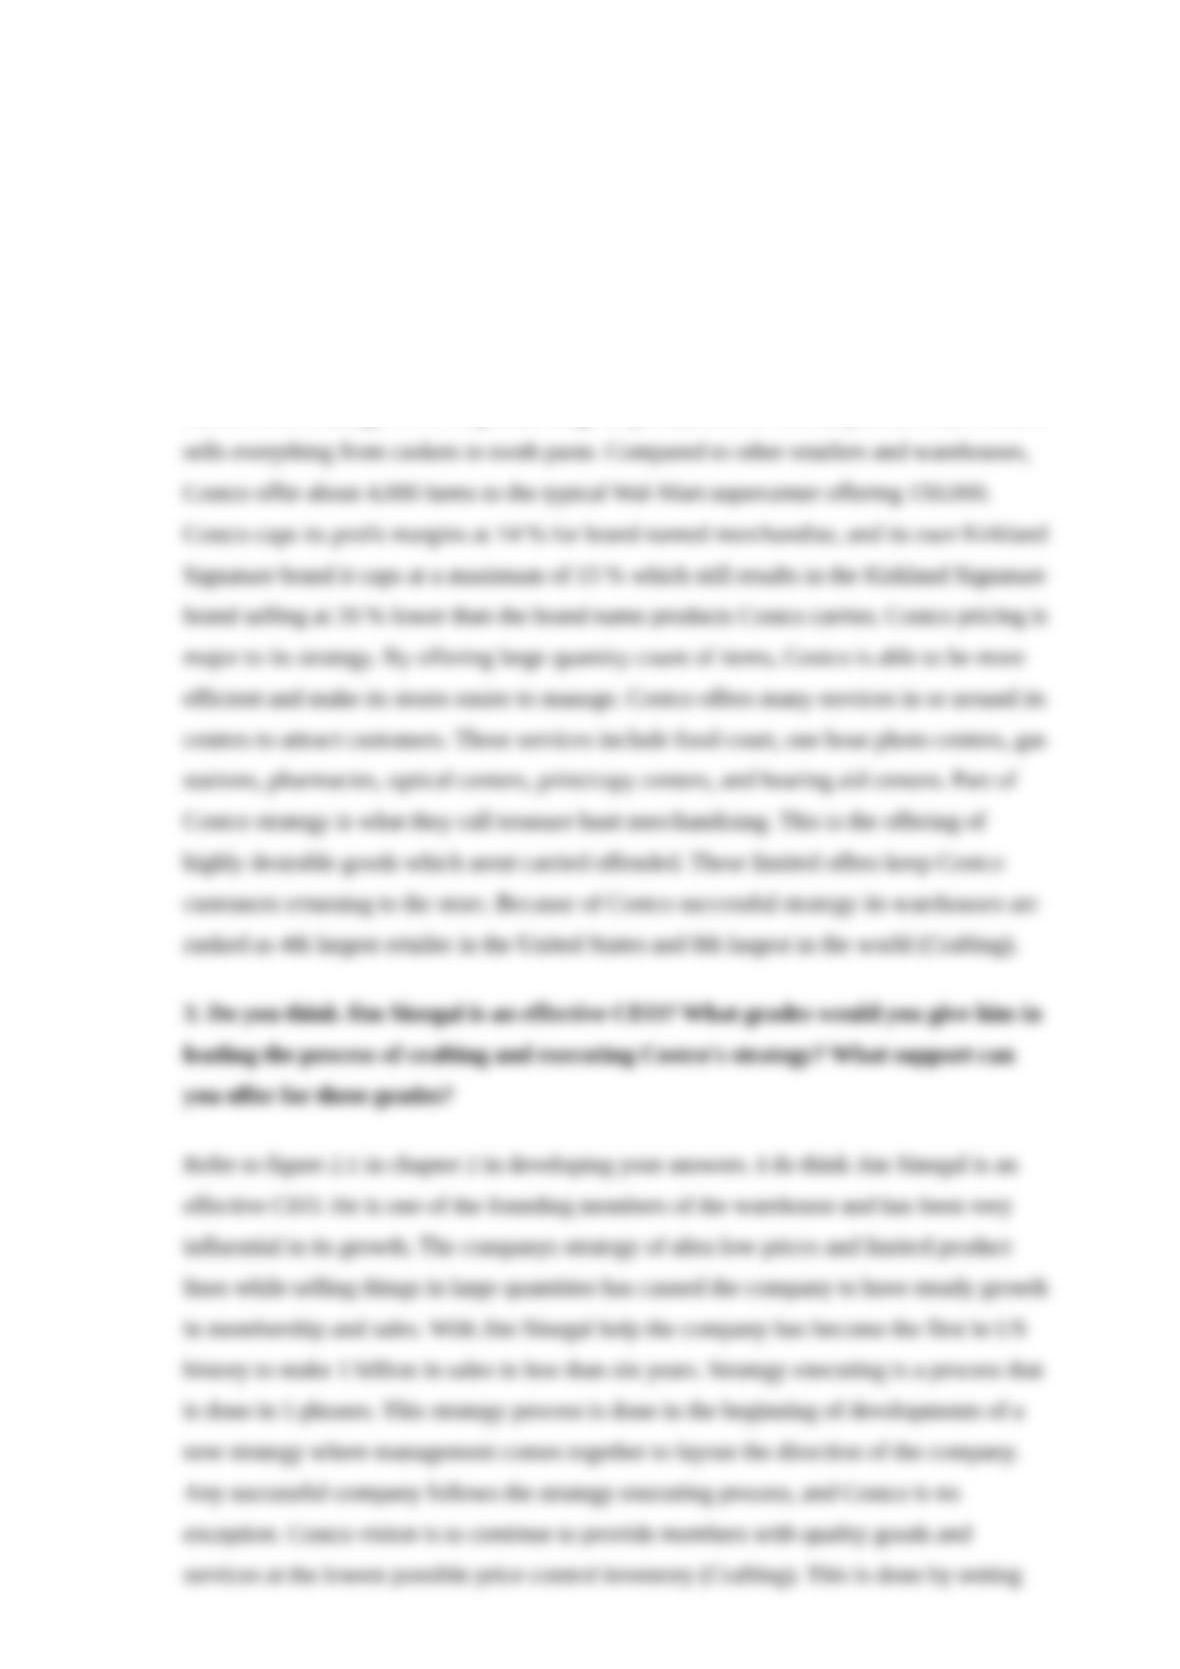 costco case study